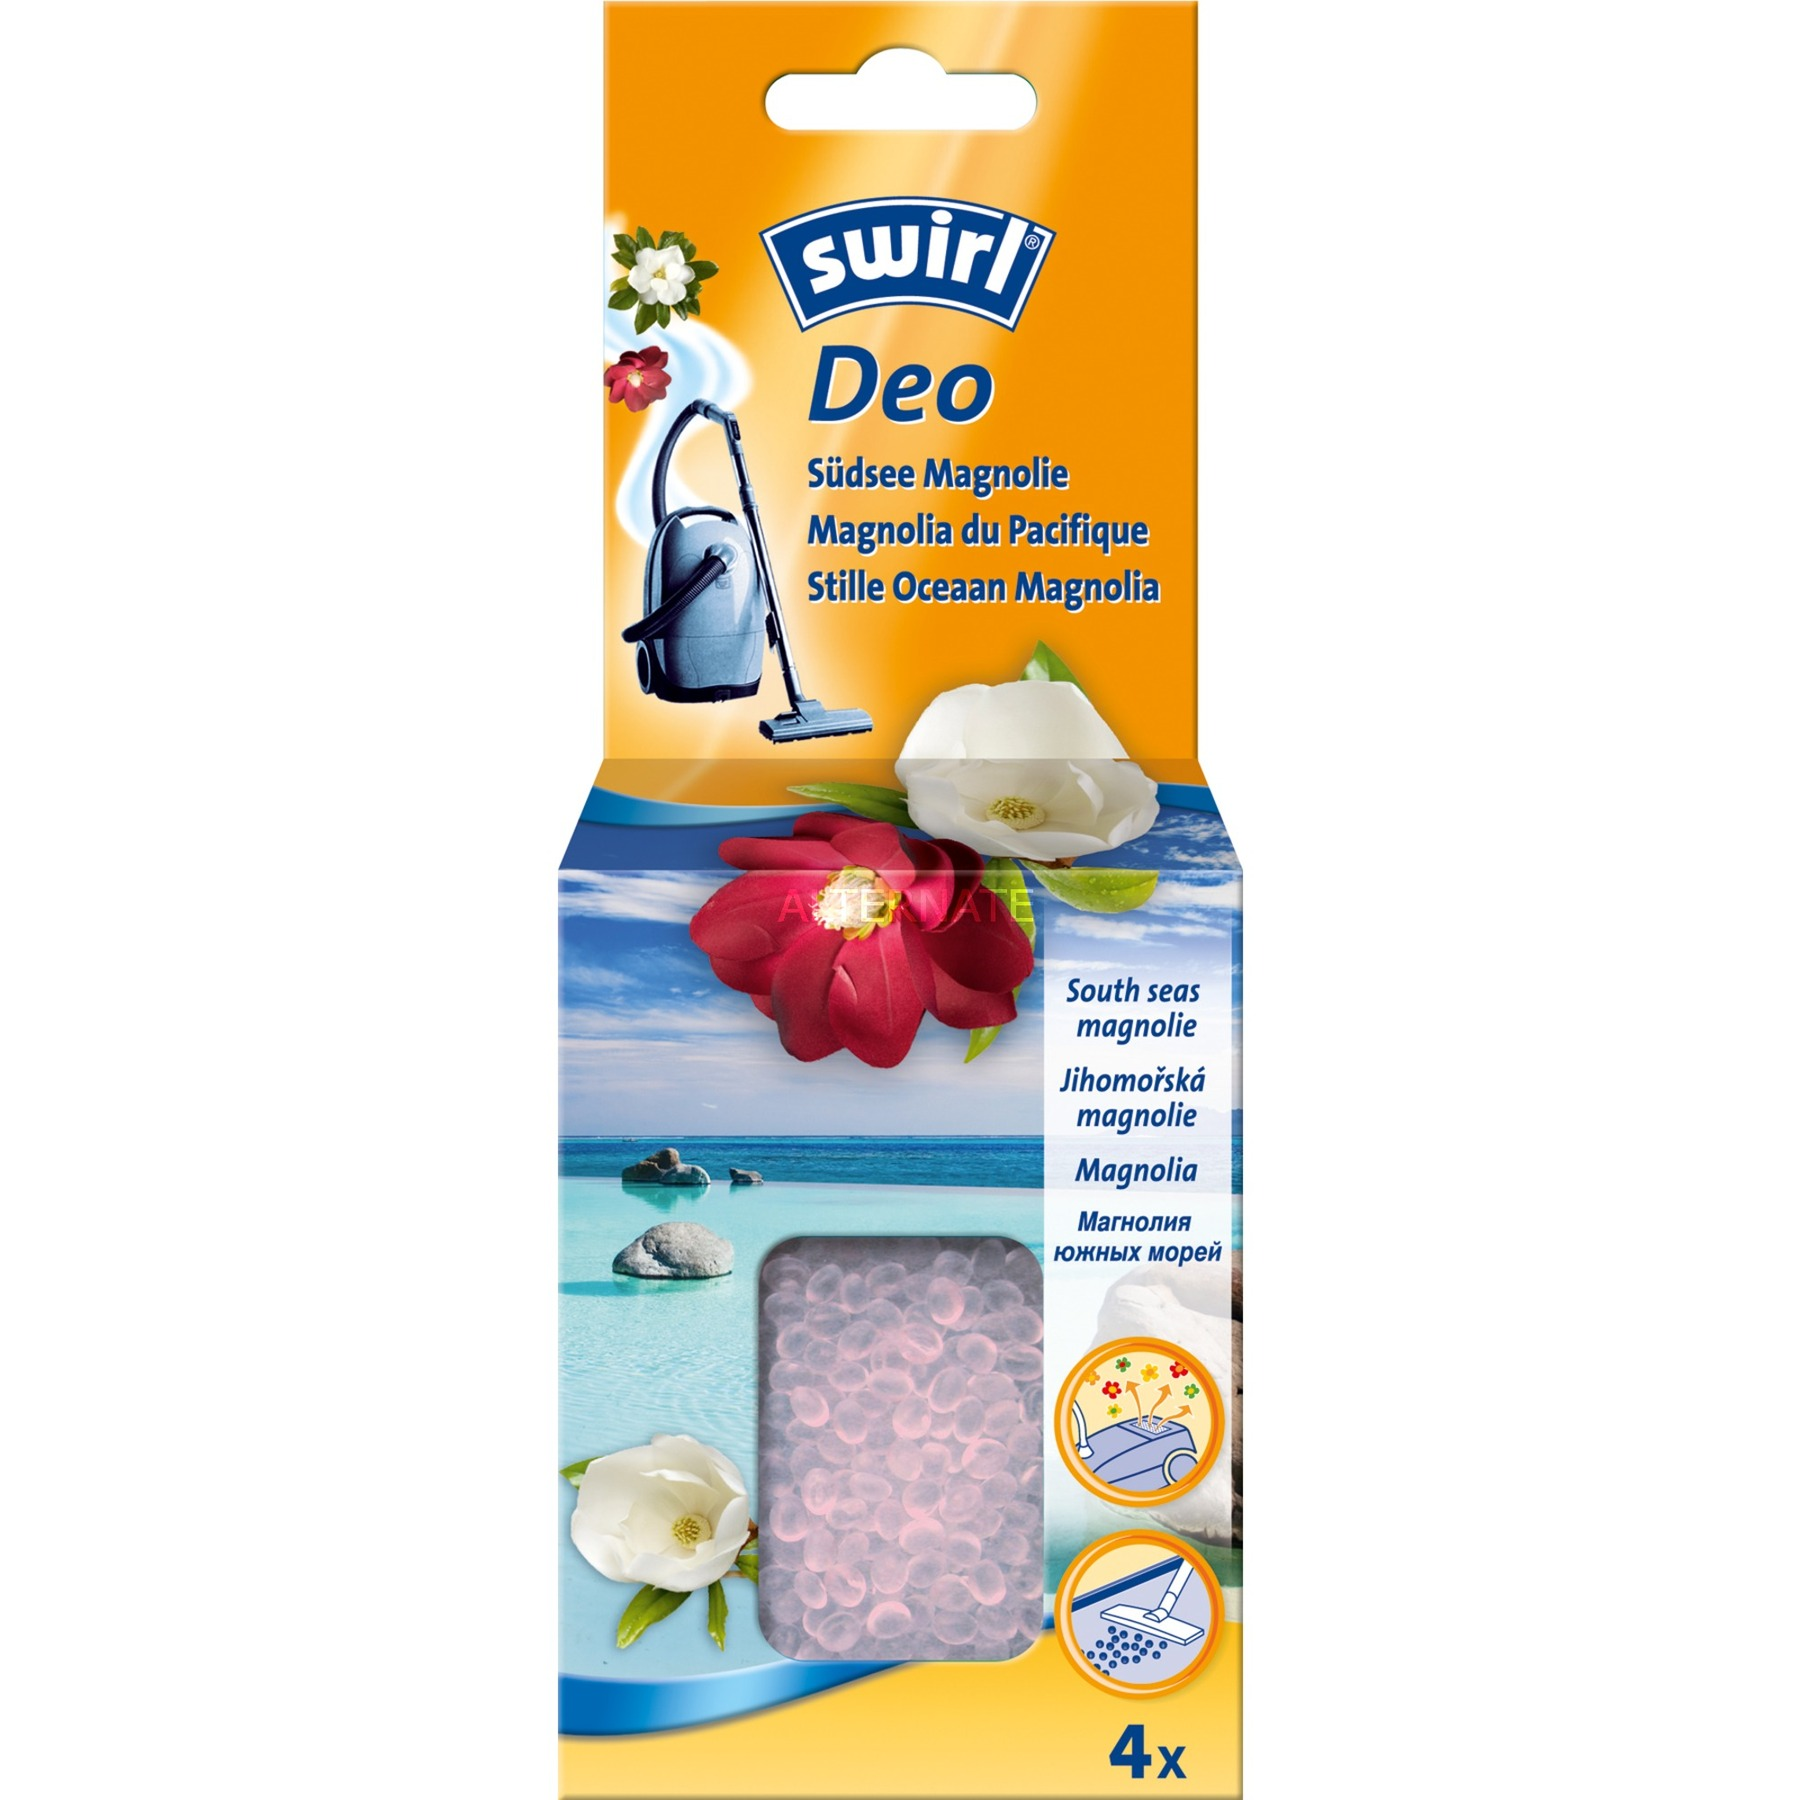 deo-stovsuger-tilbehor-forsyninger-stovsuger-deodorant